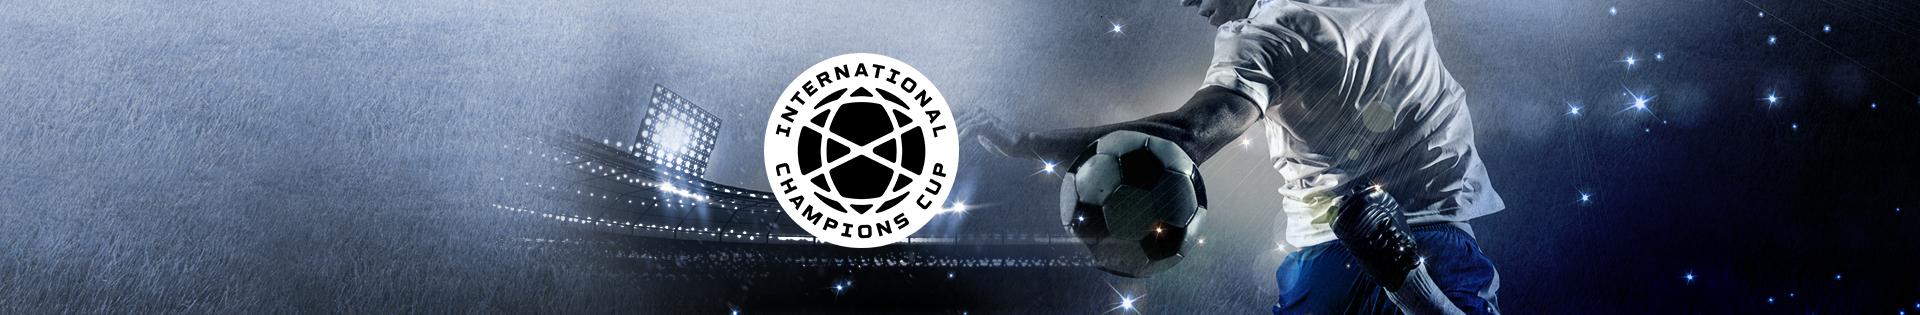 2019 ICC컵 프로그램 이미지